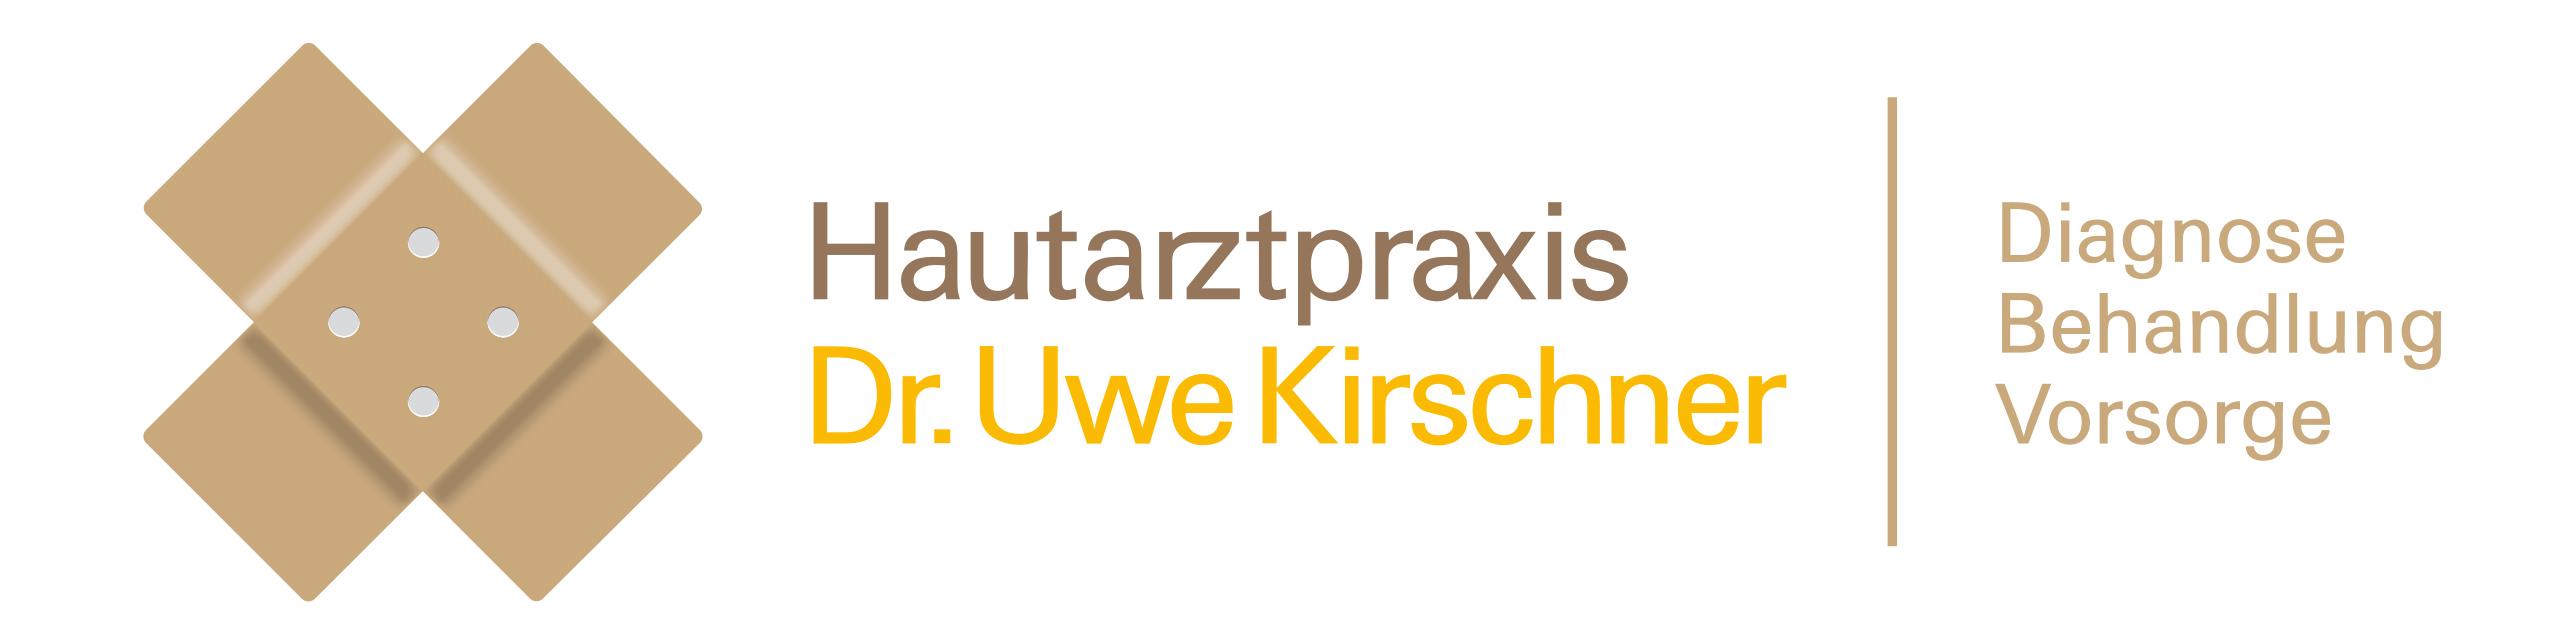 Hautarztpraxis Dr. Kirschner